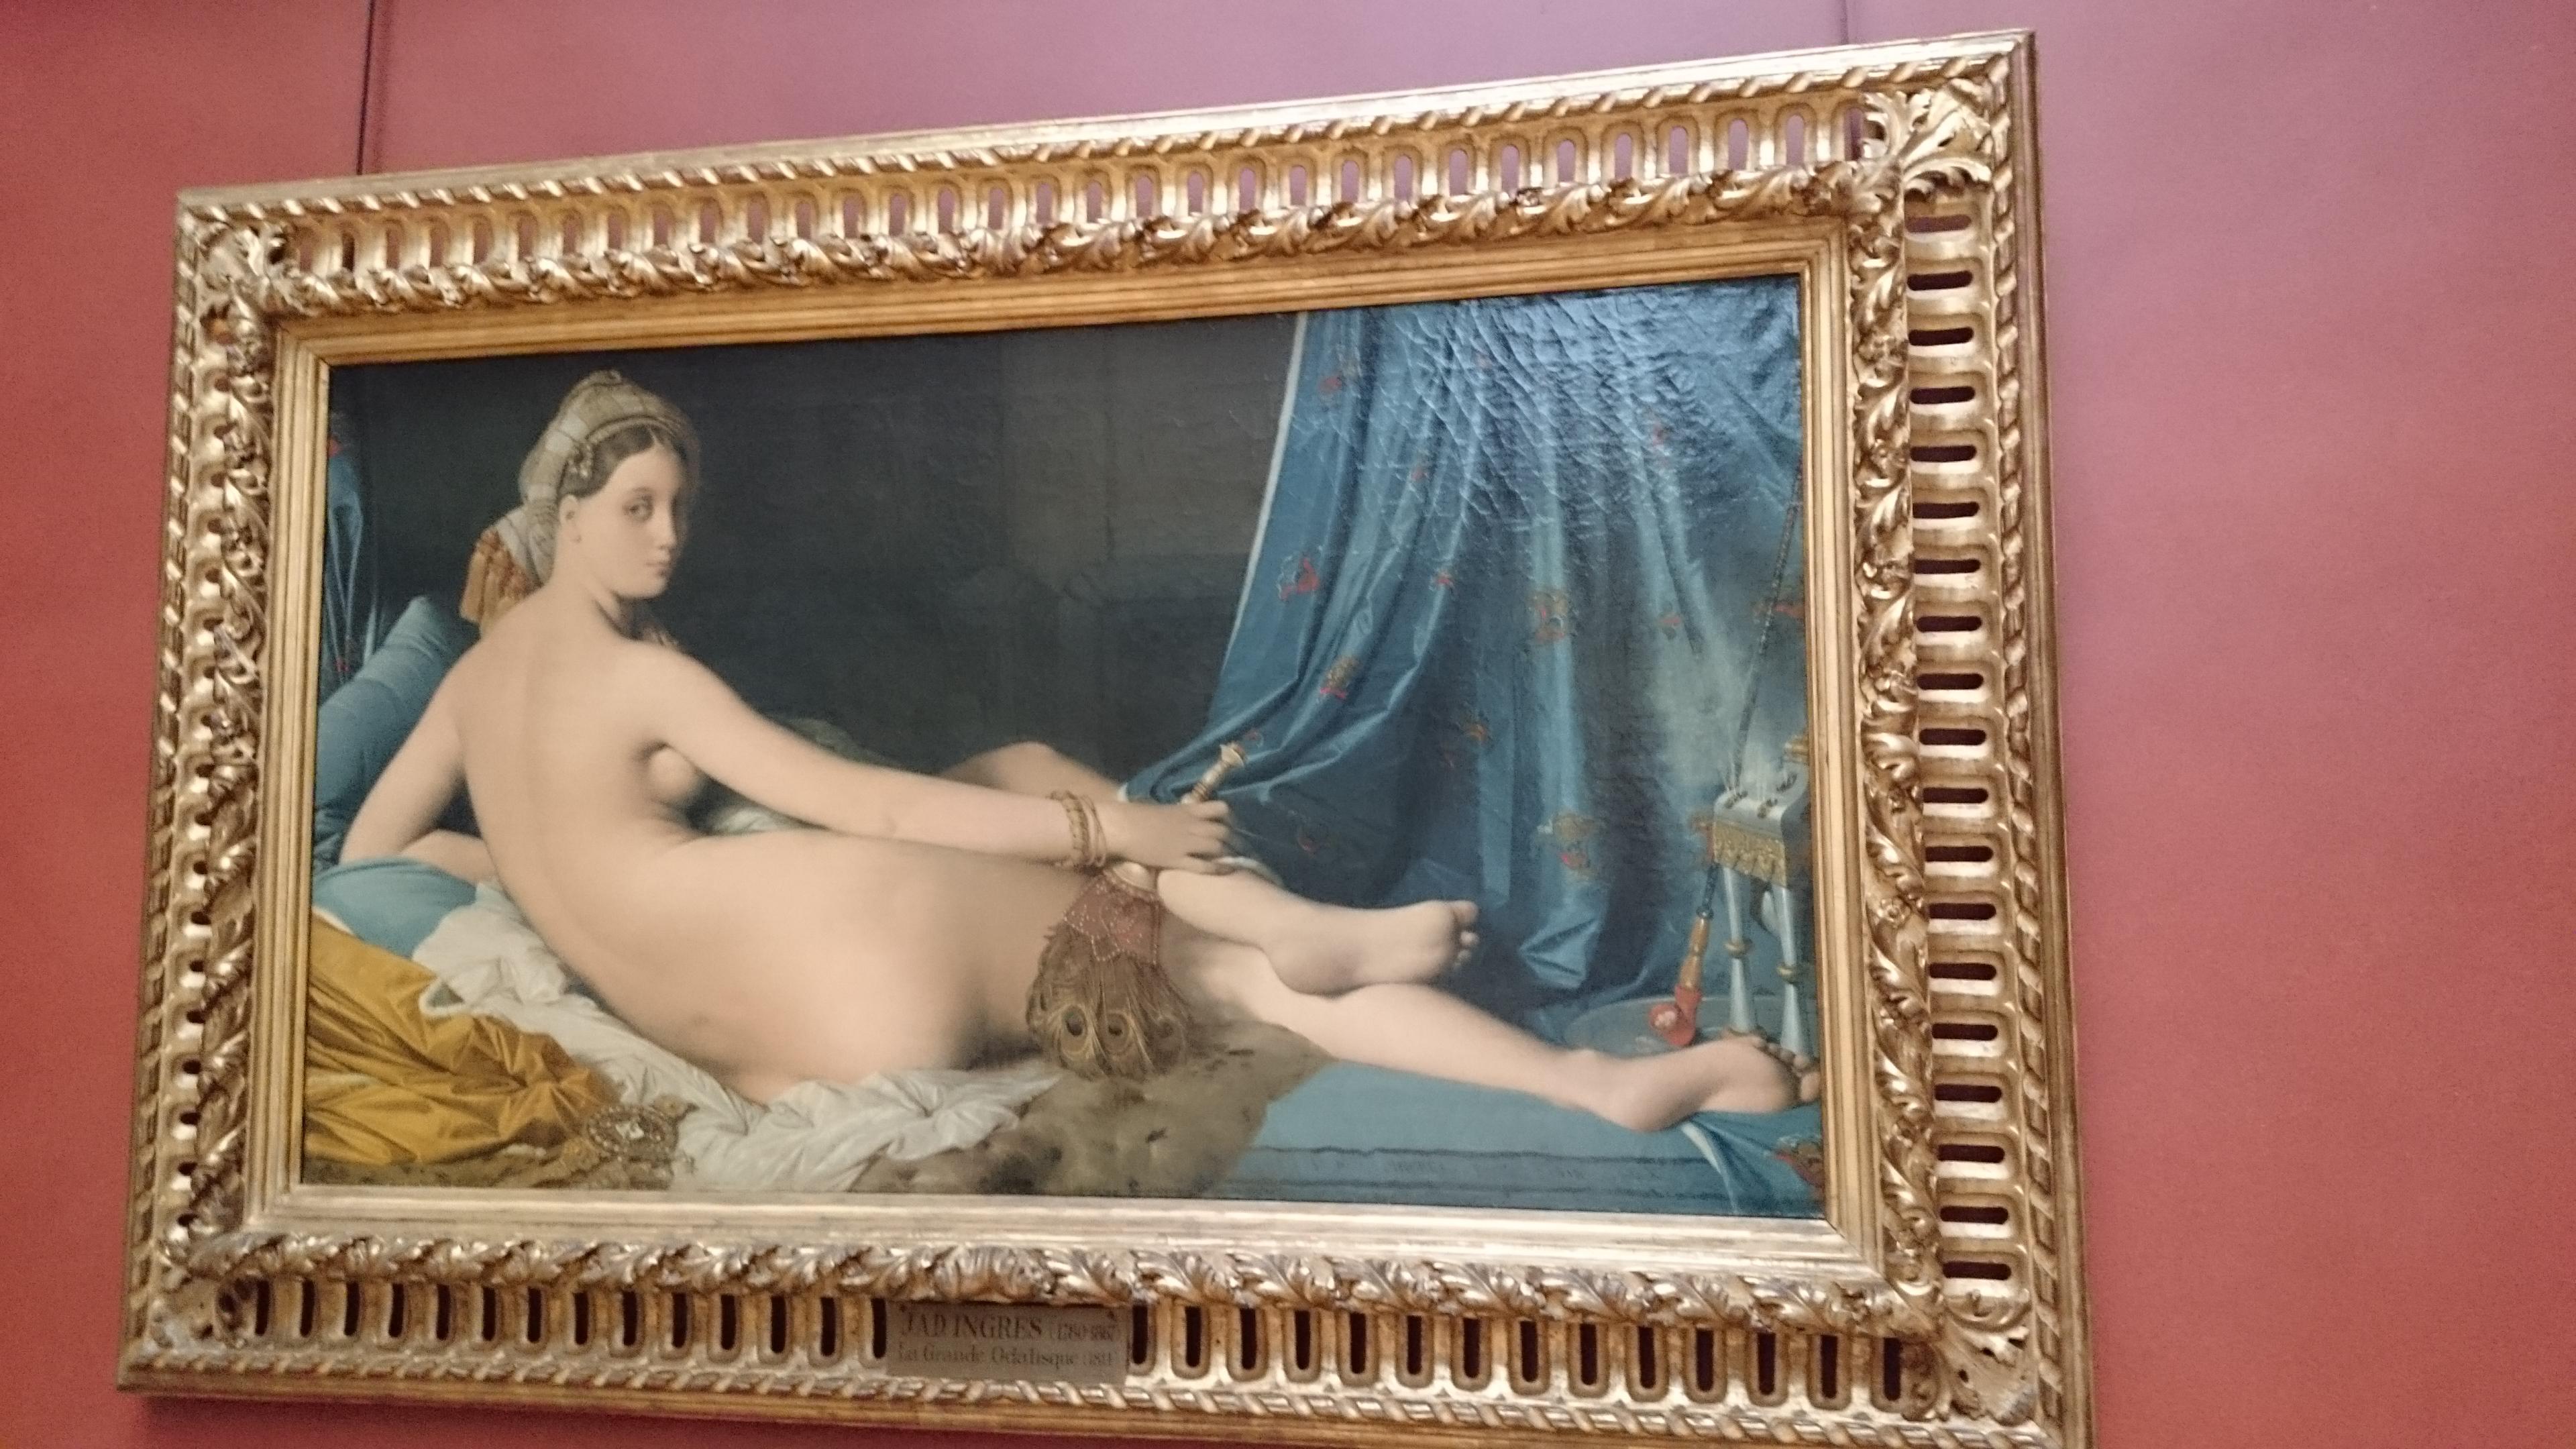 dsc 1505 - Consejos para visitar el Museo Louvre (y otros museos)